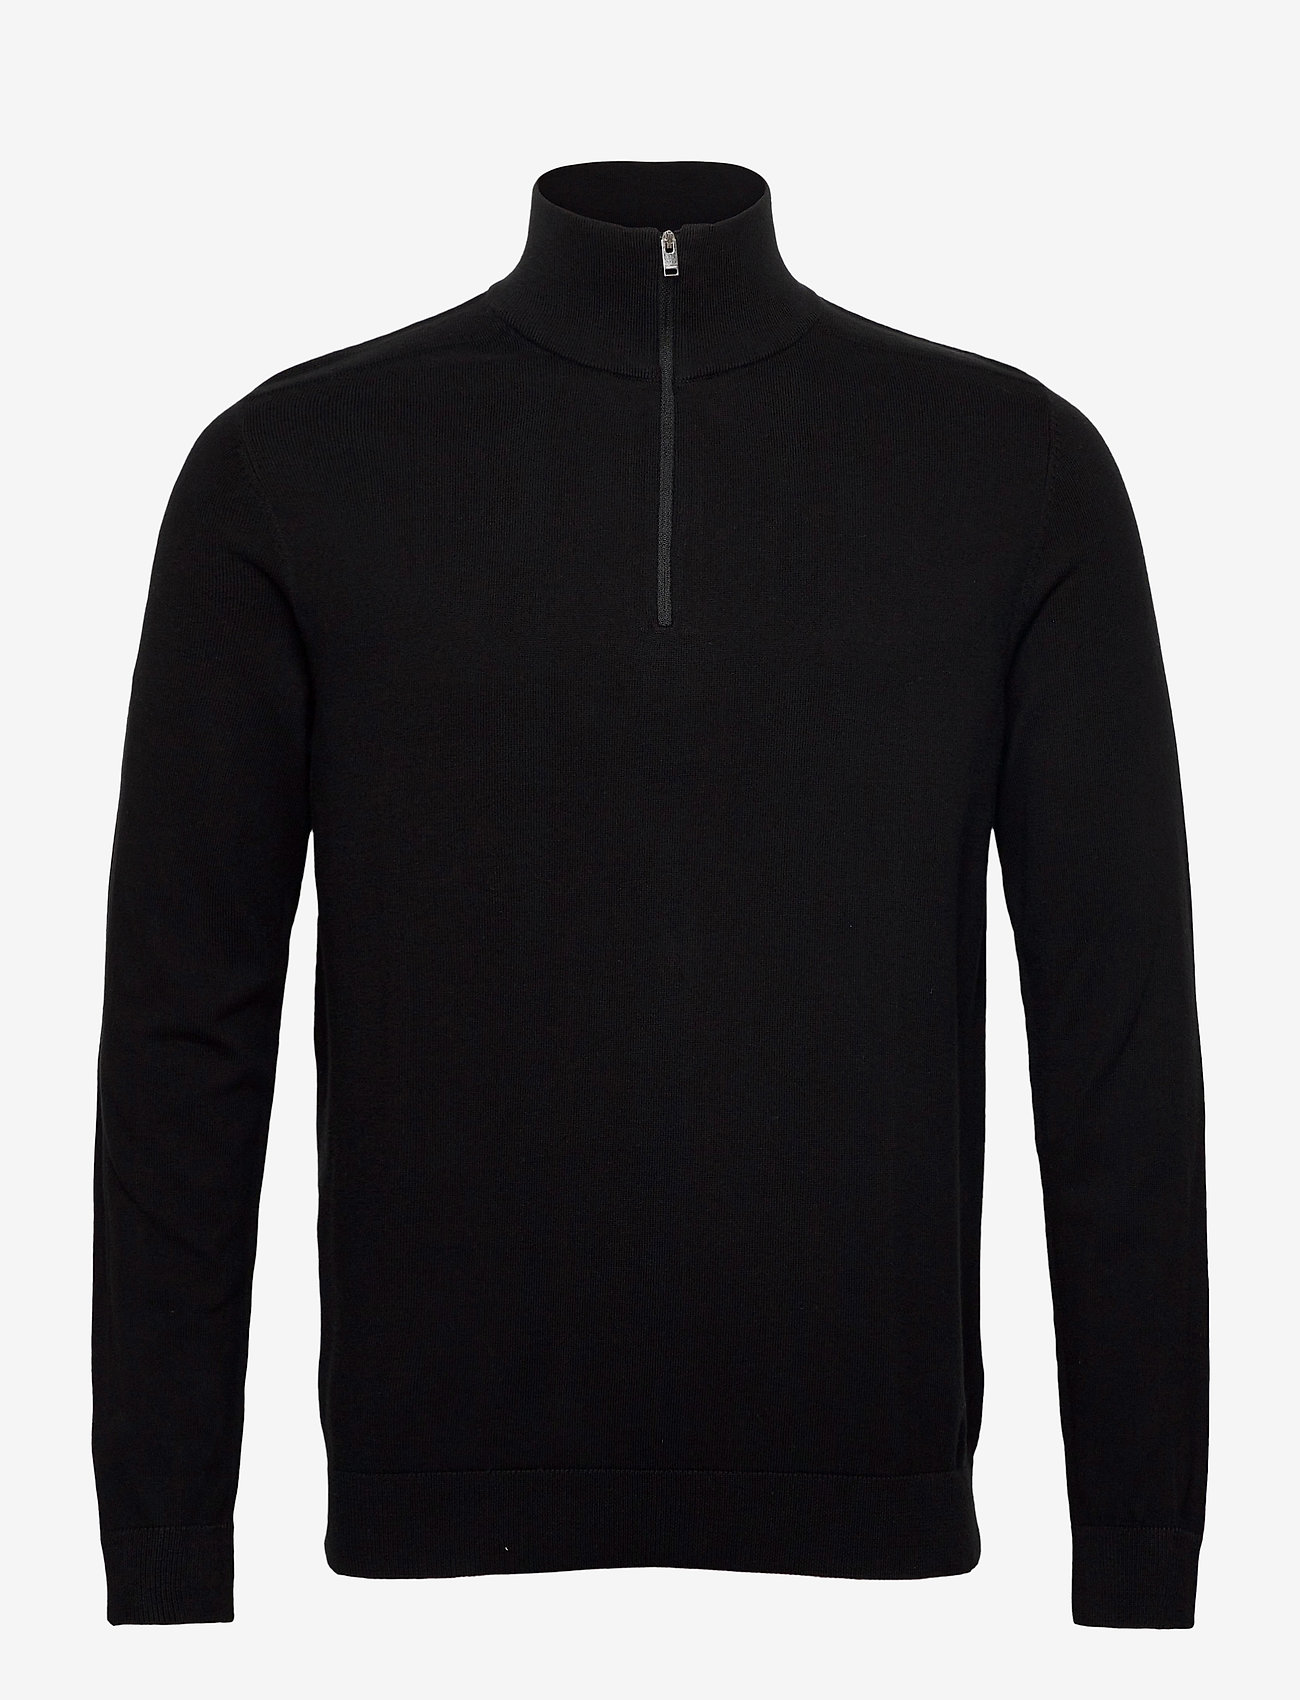 Selected Homme - SLHBERG HALF ZIP CARDIGAN  - half zip - black - 0